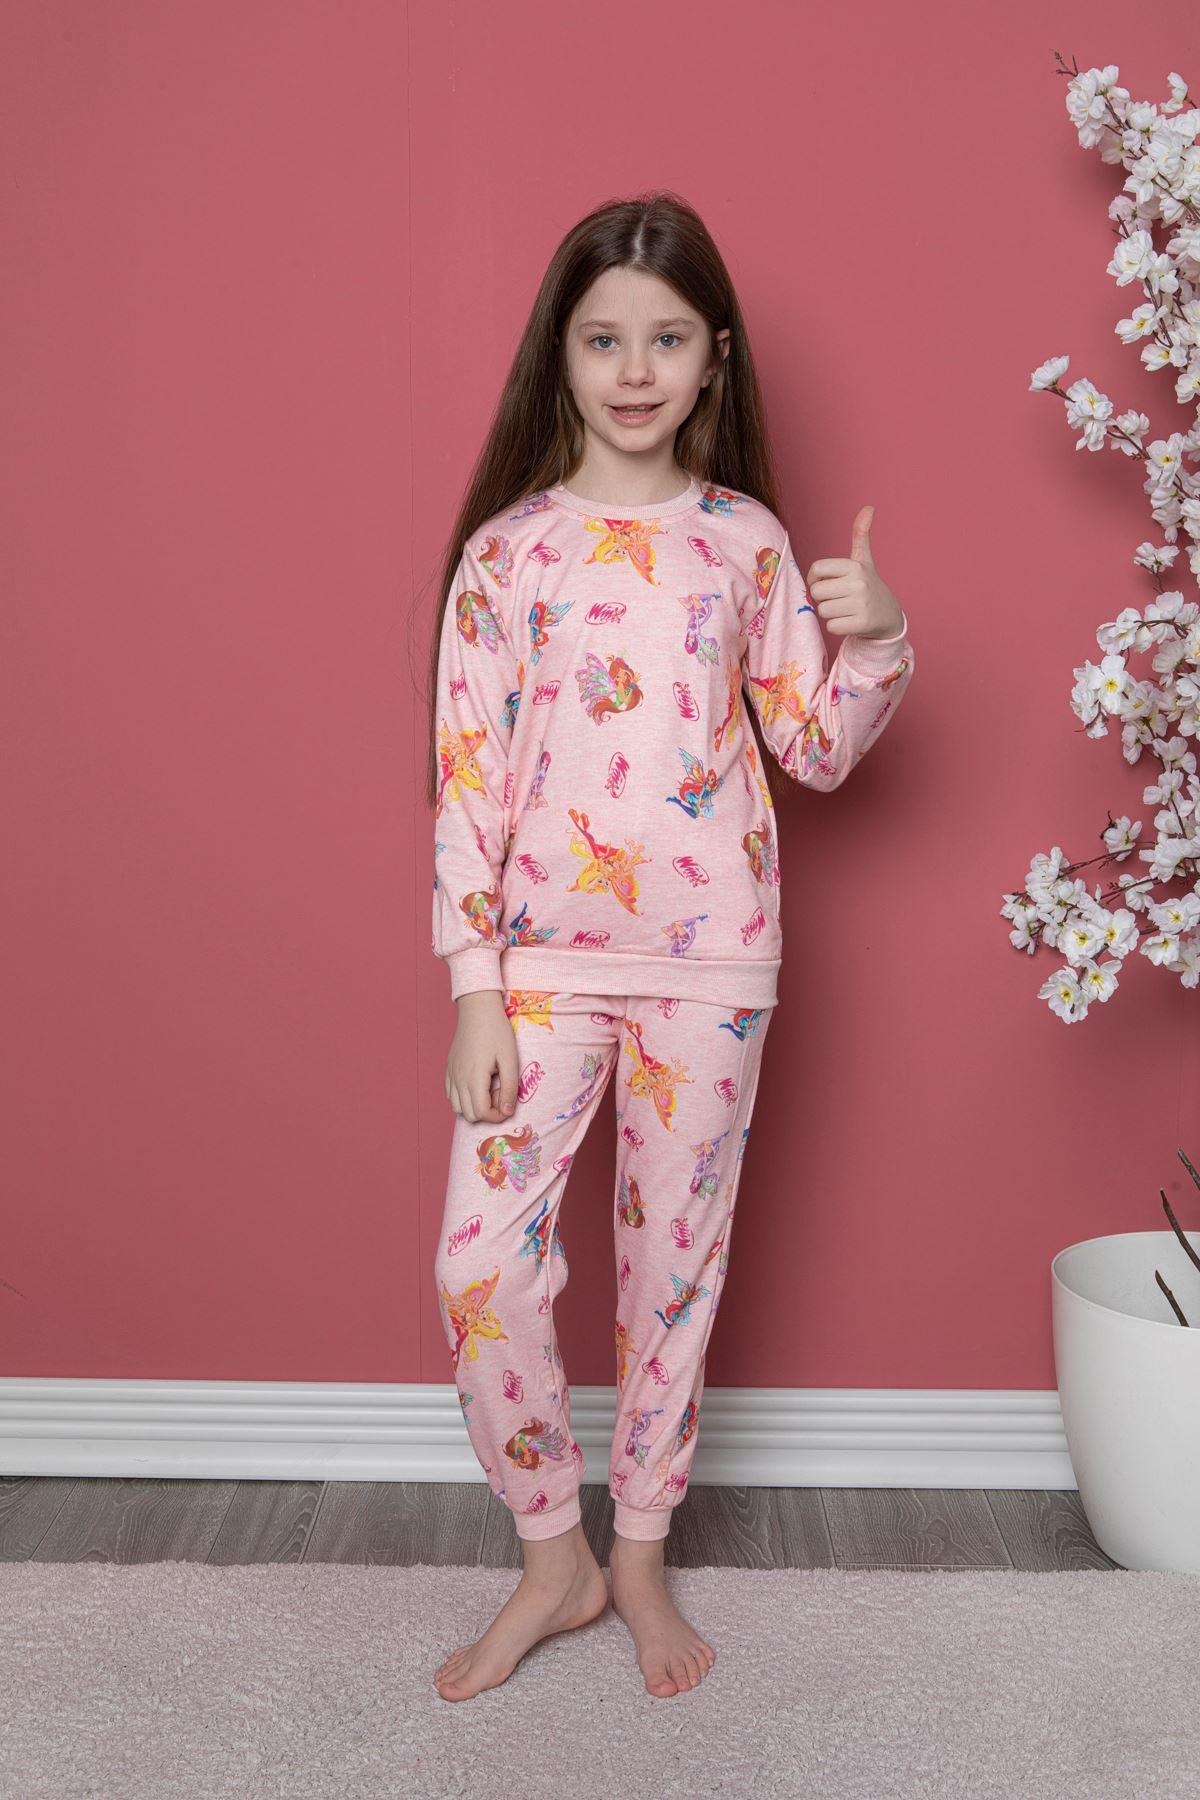 Winx Baskı Pijama Takım